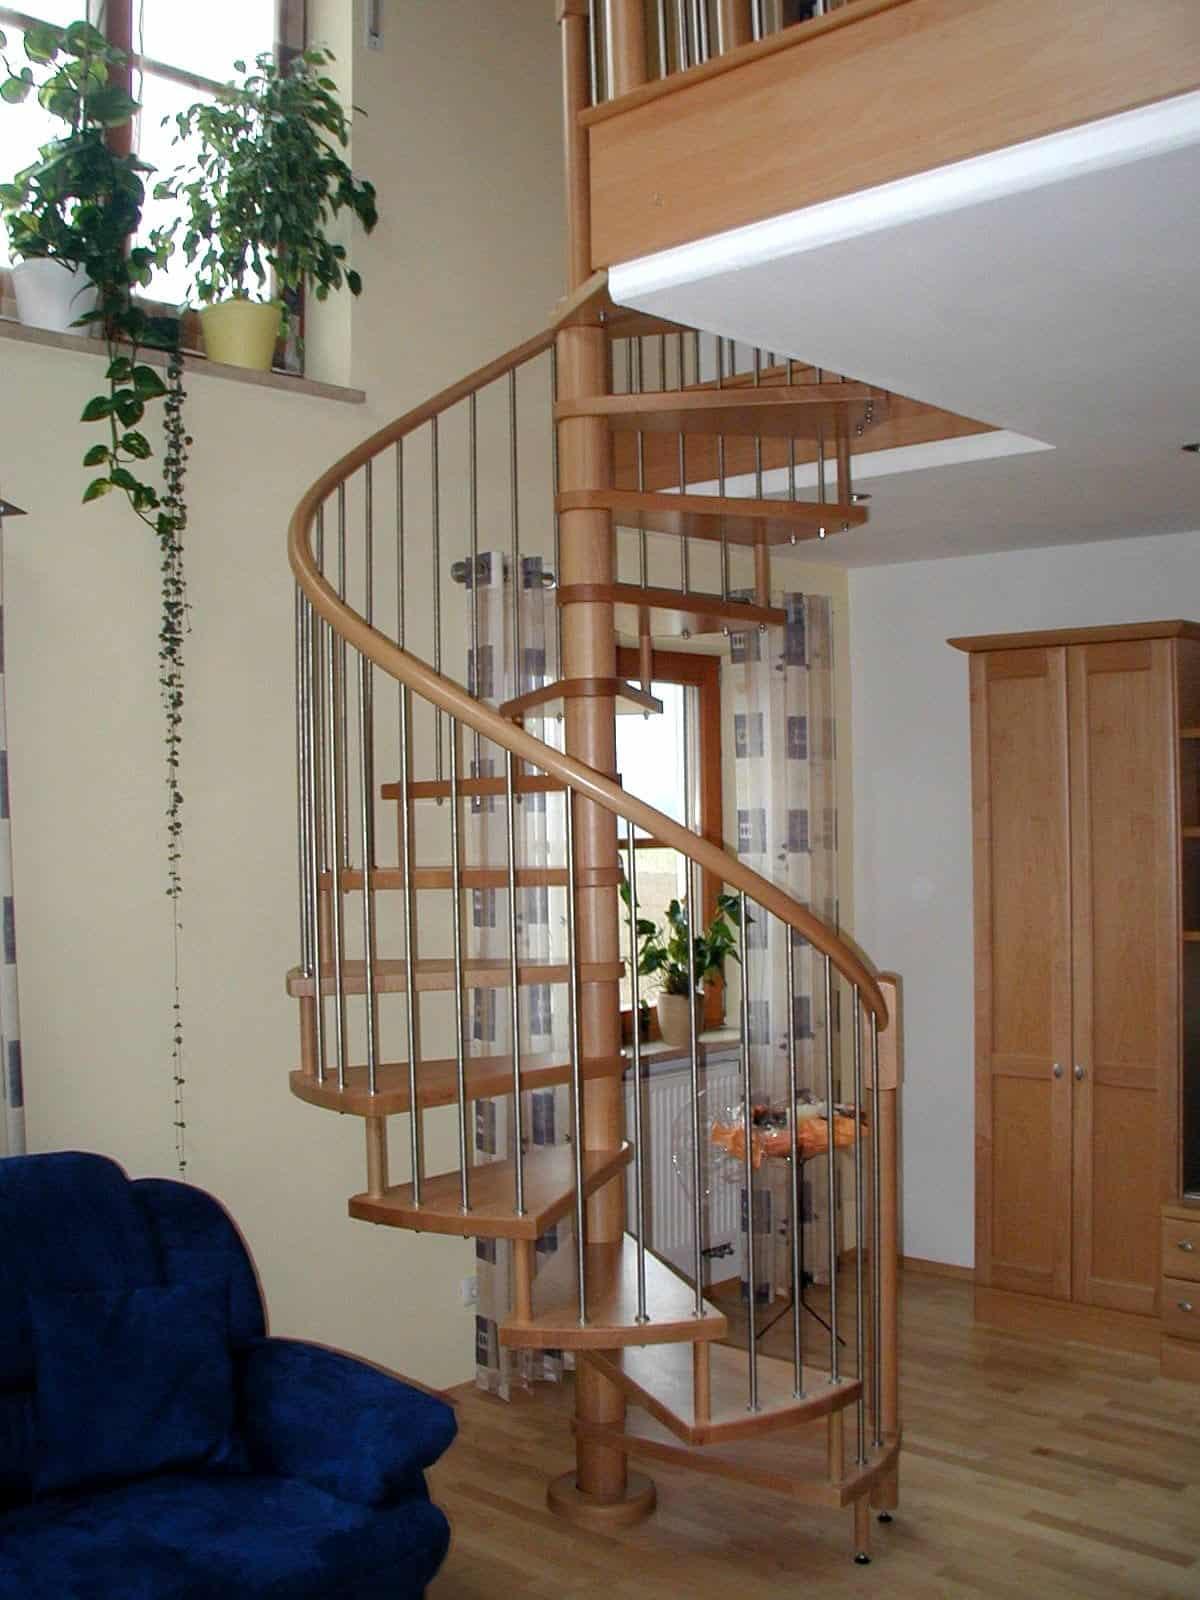 127 Modelos Escadas Internas Simples Sobrado